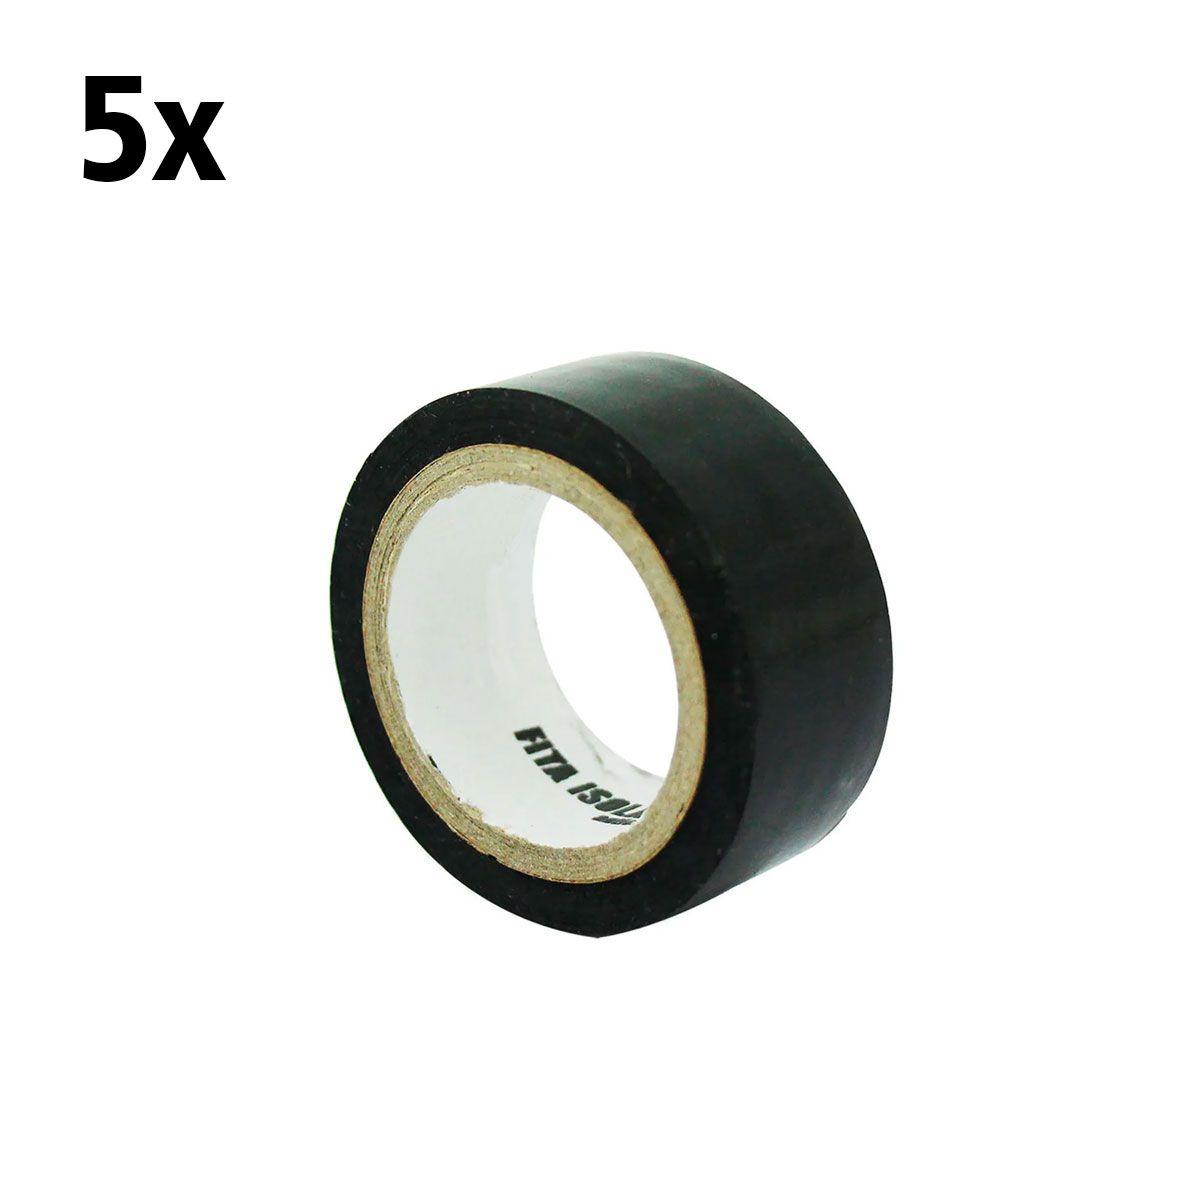 5x Fita Isolante 5 metros x 19mm - Ideal para Seguidor de Linha